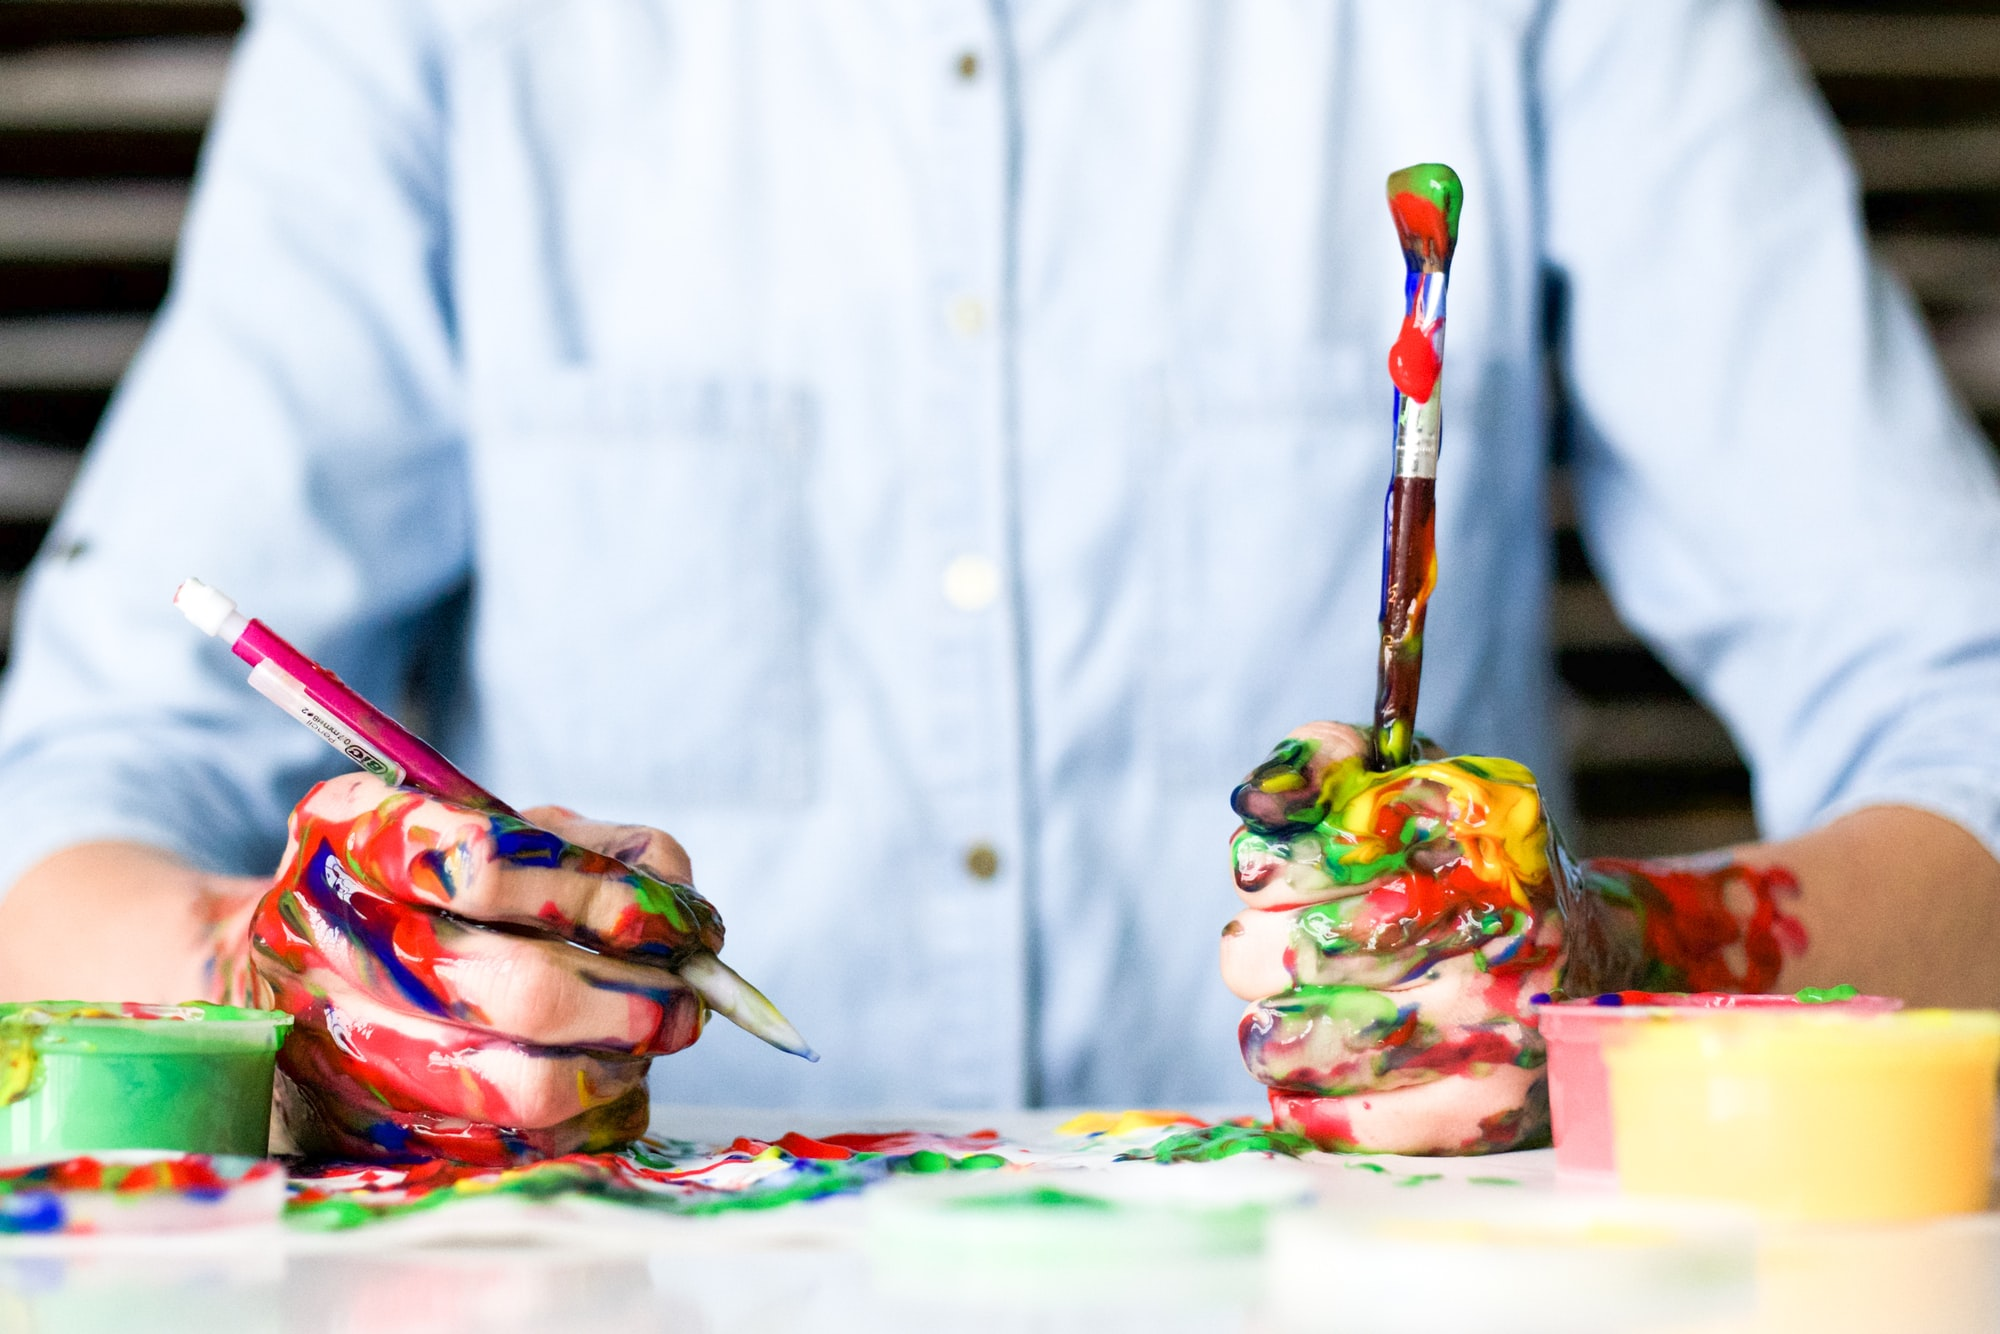 """CreArt携手YKLM呈现""""第四届加拿大青少年创意绘画设计大赛"""" 佳作公益拍卖+颁奖典礼直播"""